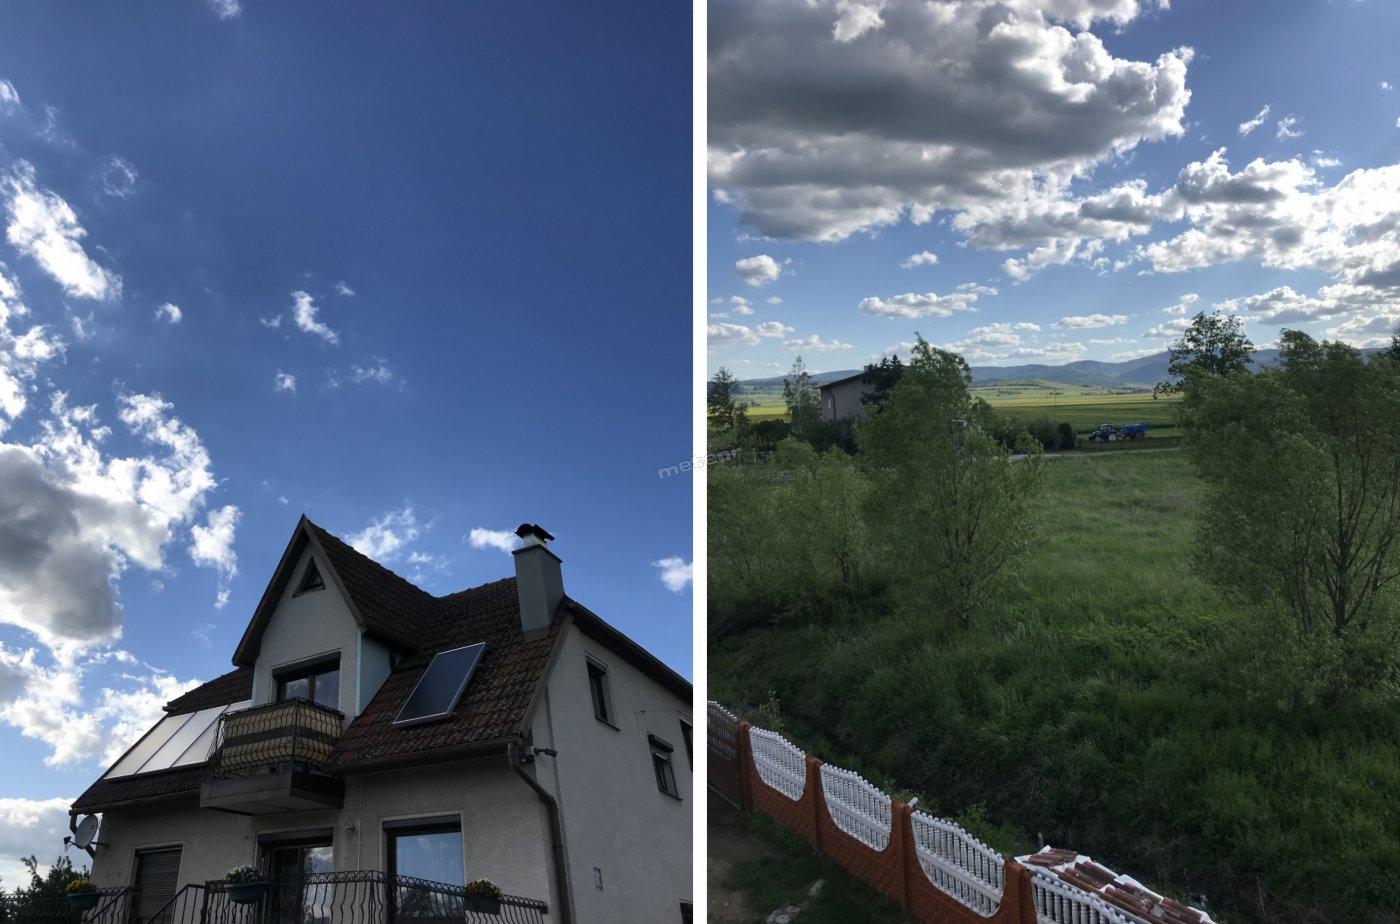 Piękne widoki i zdrowe powietrze w naszych okolicach